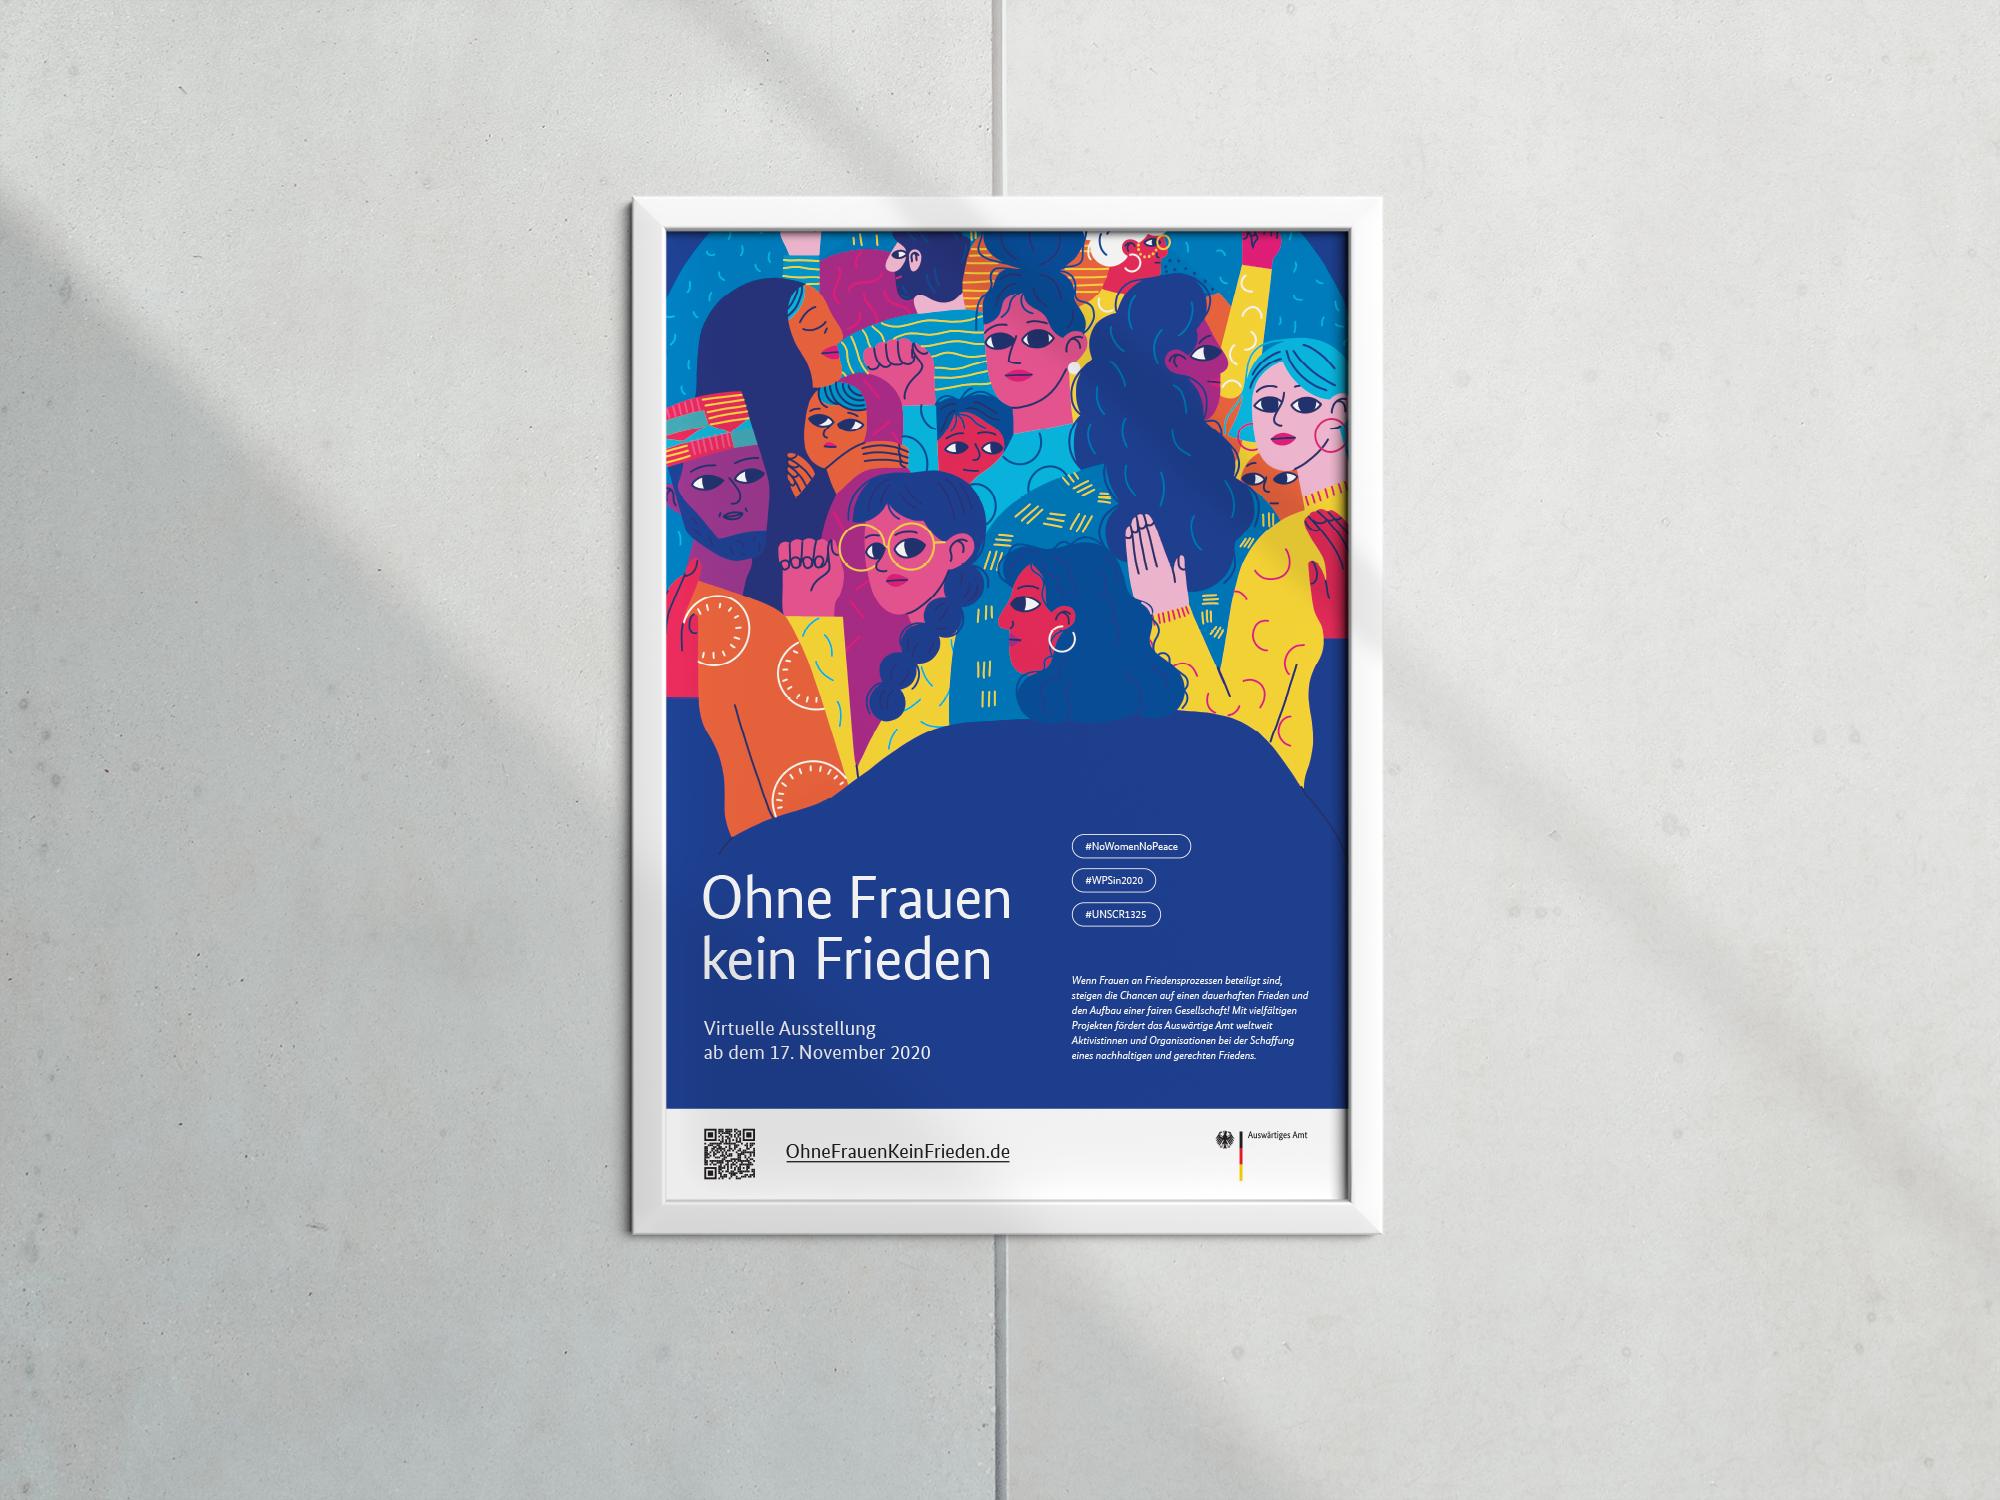 OhneFrauenKeinFrieden-Poster